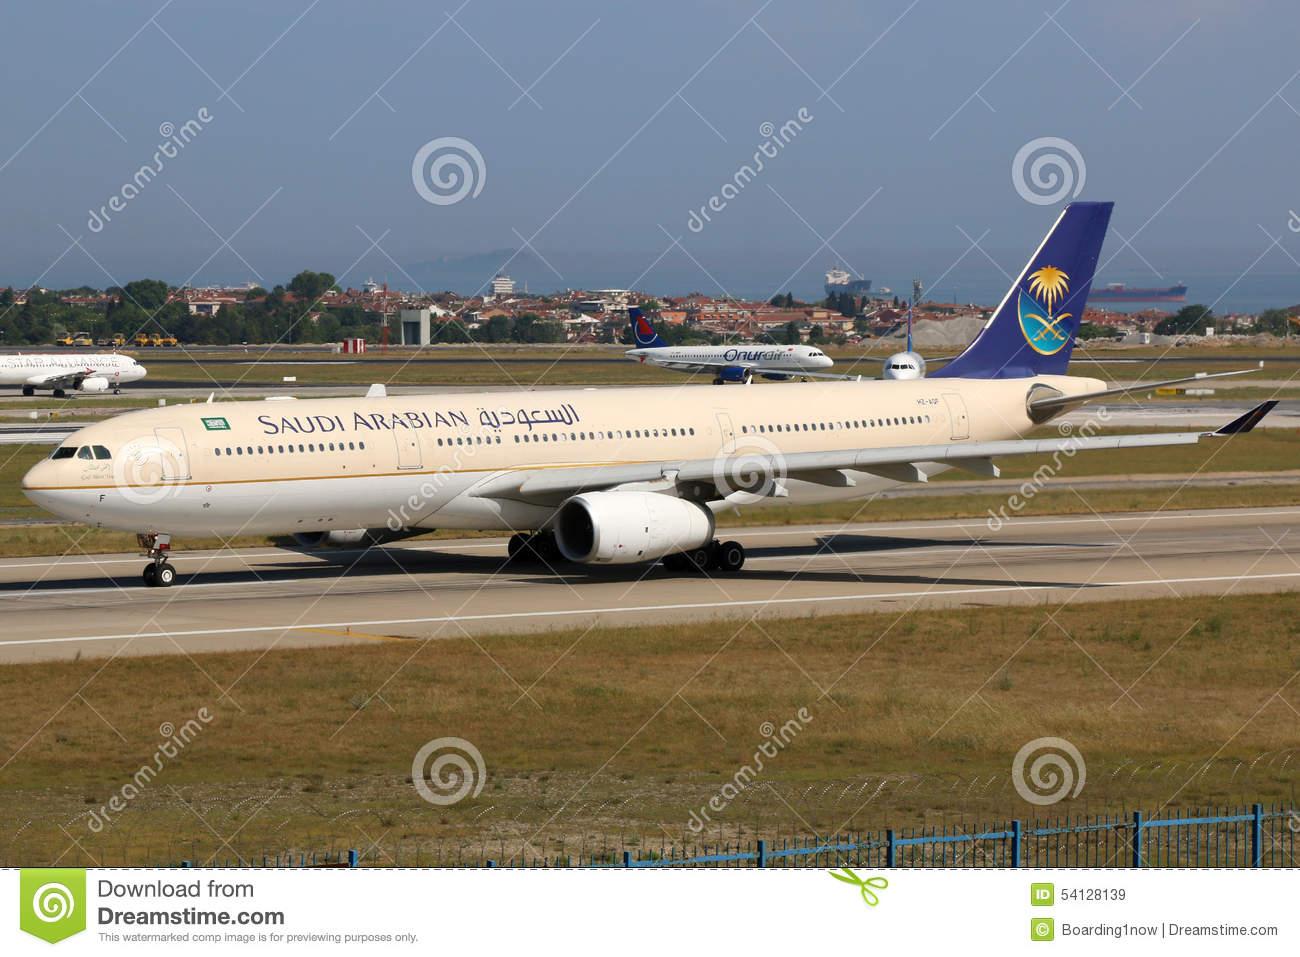 Saudi Arabian Airlines Airbus A330.